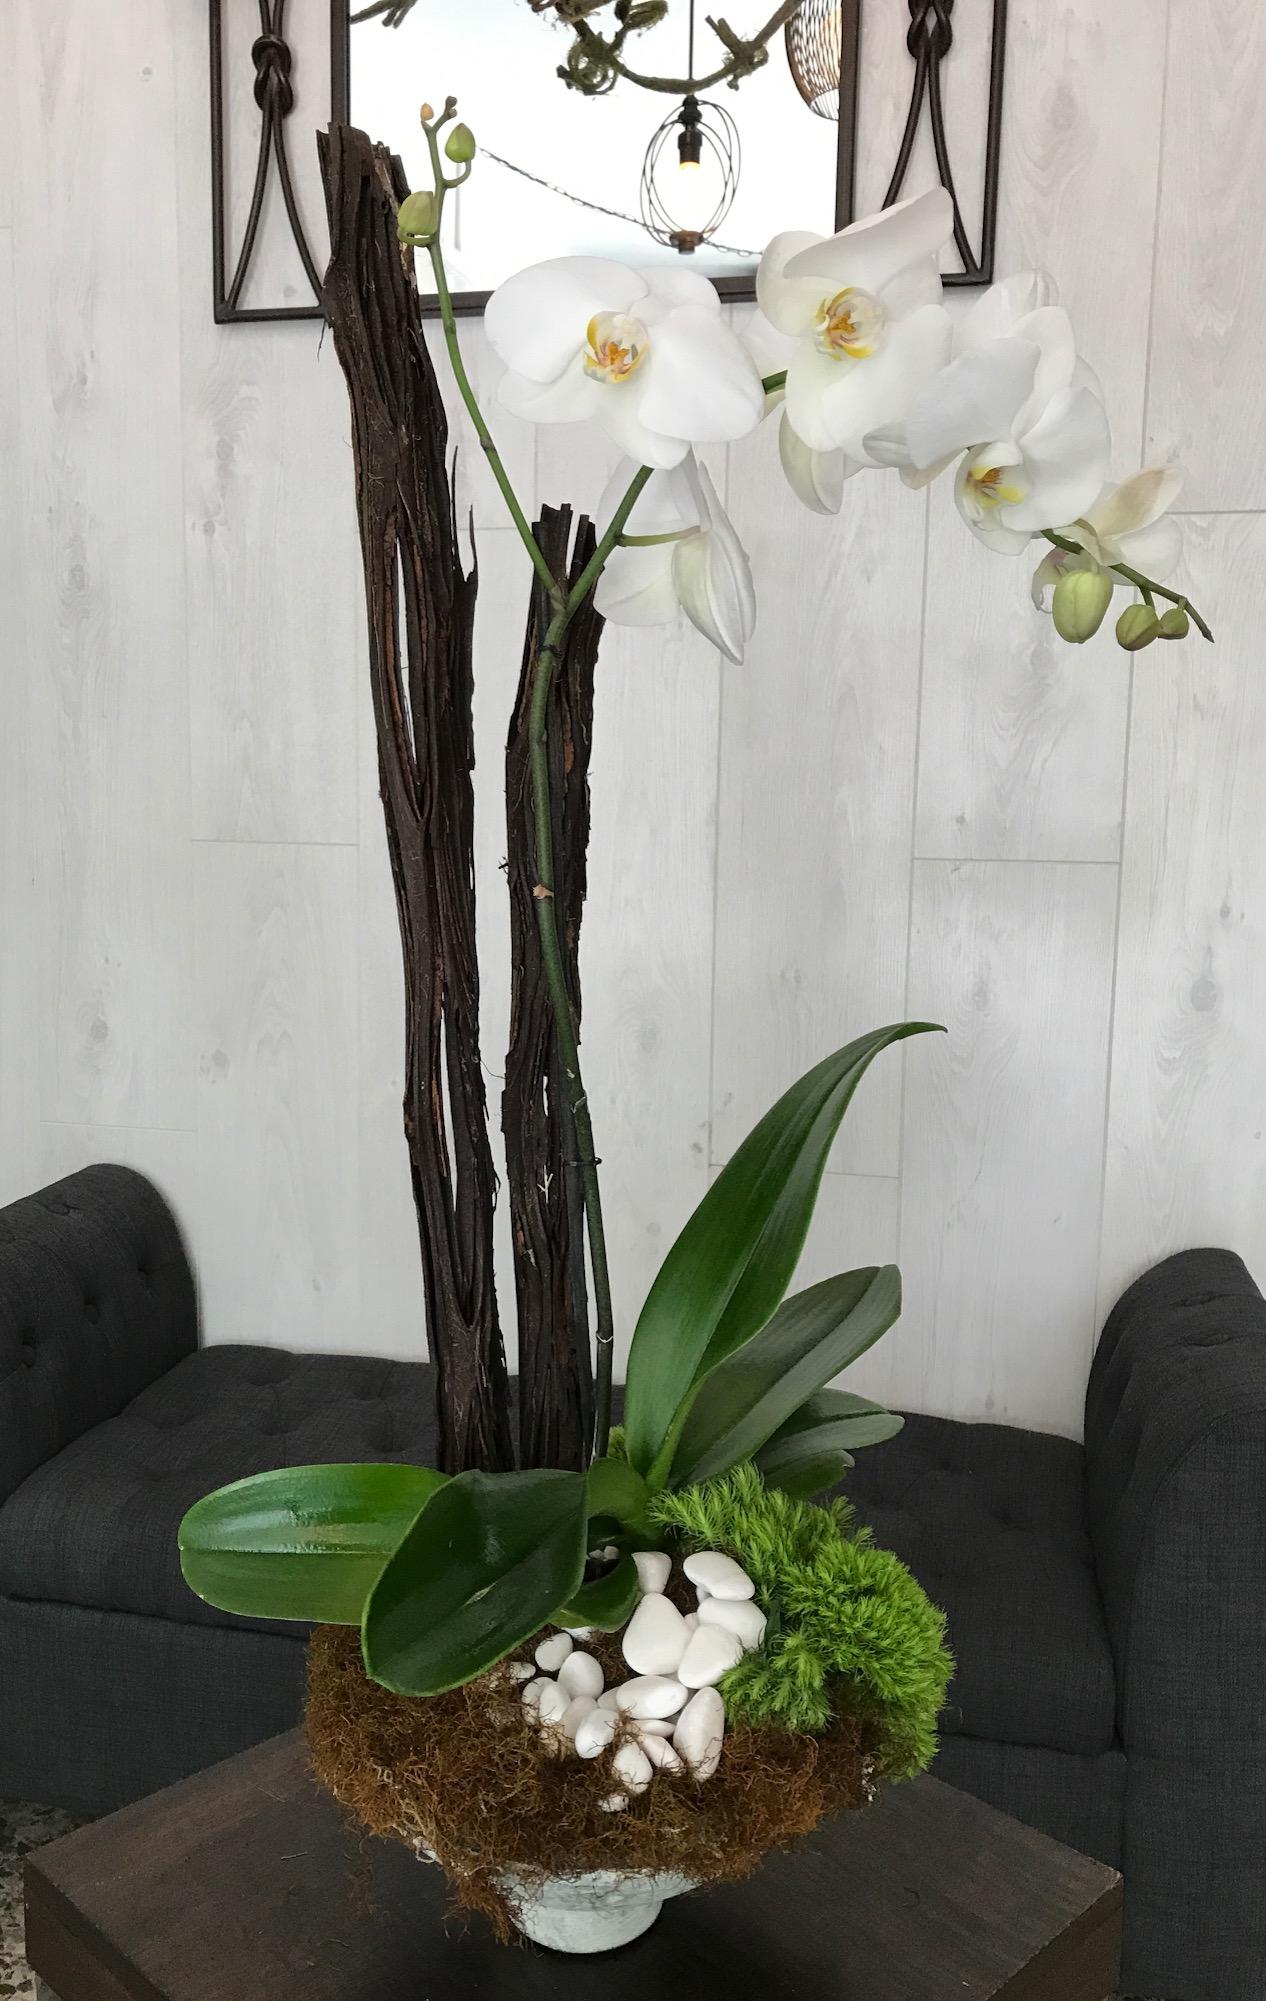 Orquídeas Class